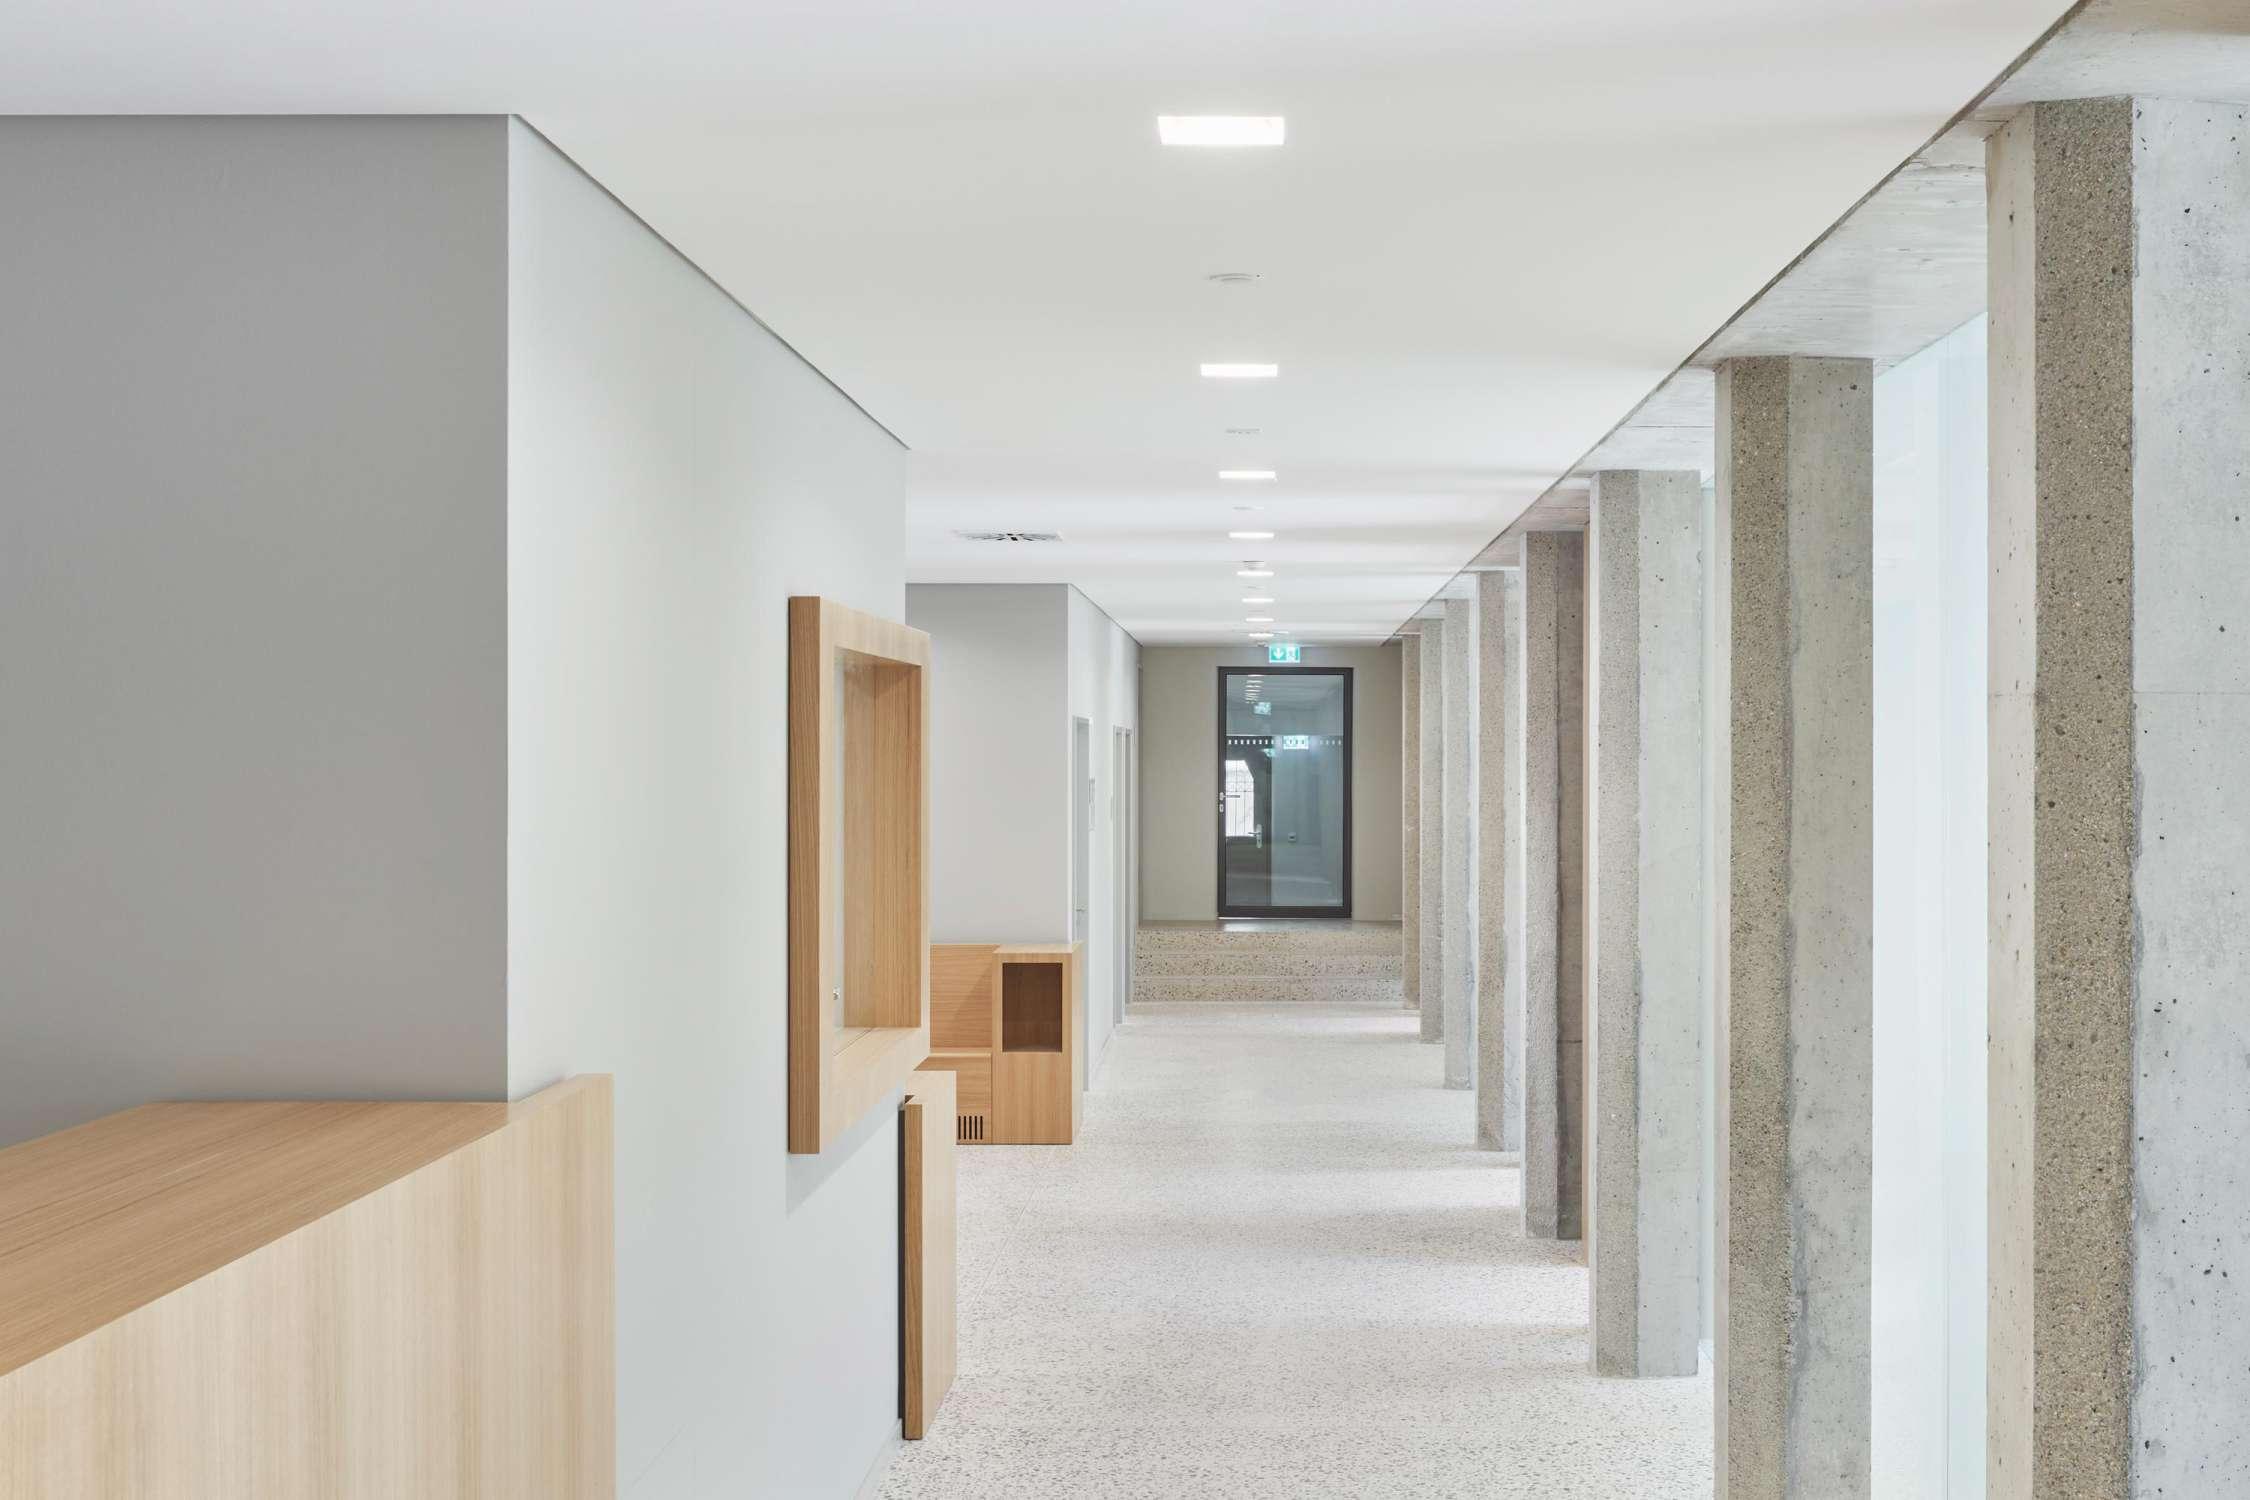 Denkmalpflegerische Sanierung und Umbau Amts-, Nachlass- und Betreuungsgericht (5)